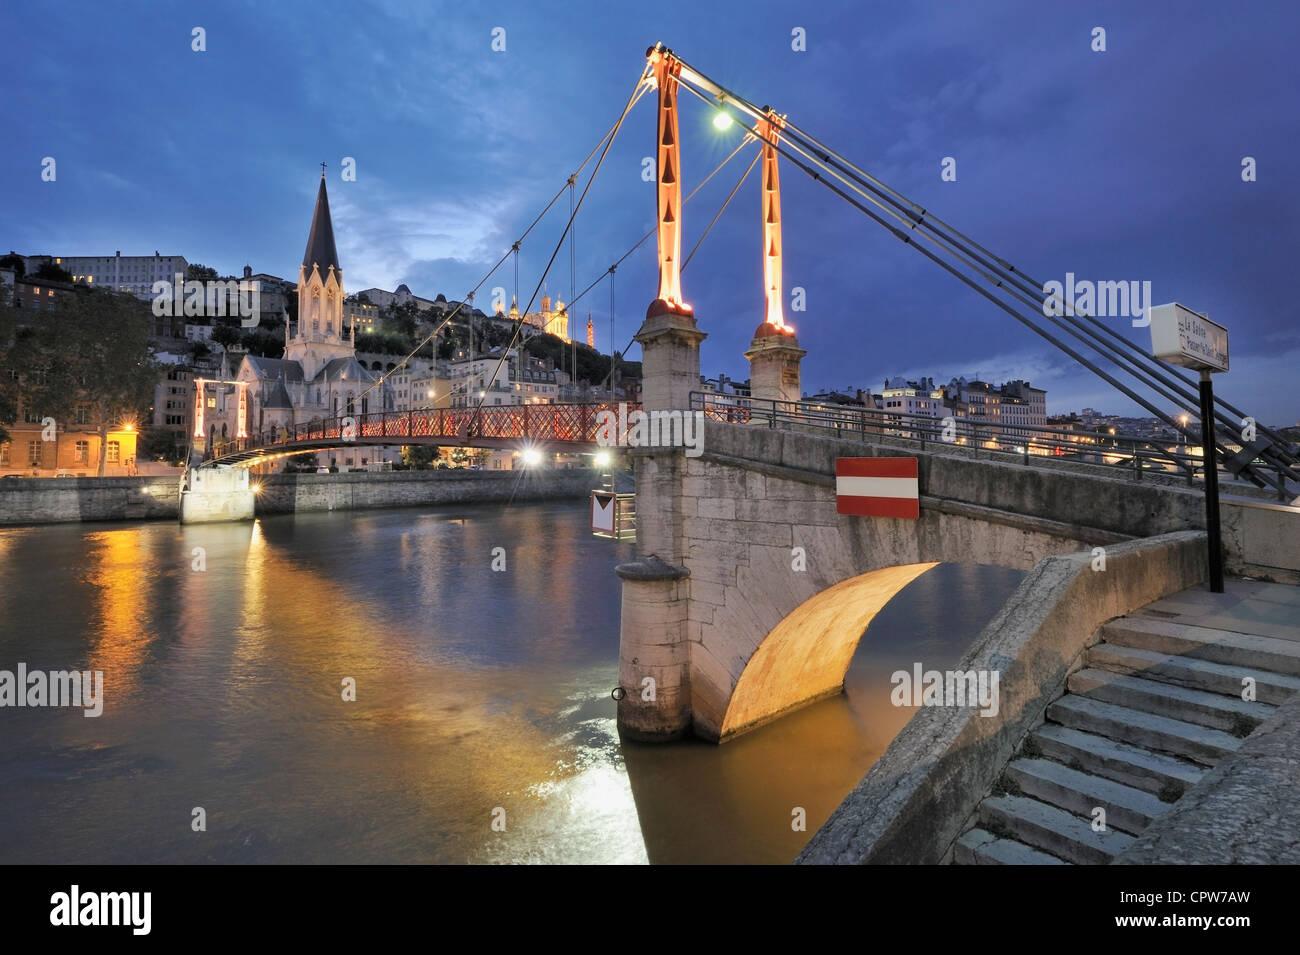 Brücke über den Fluss Saone in der Nacht, Lyon, Frankreich Stockbild